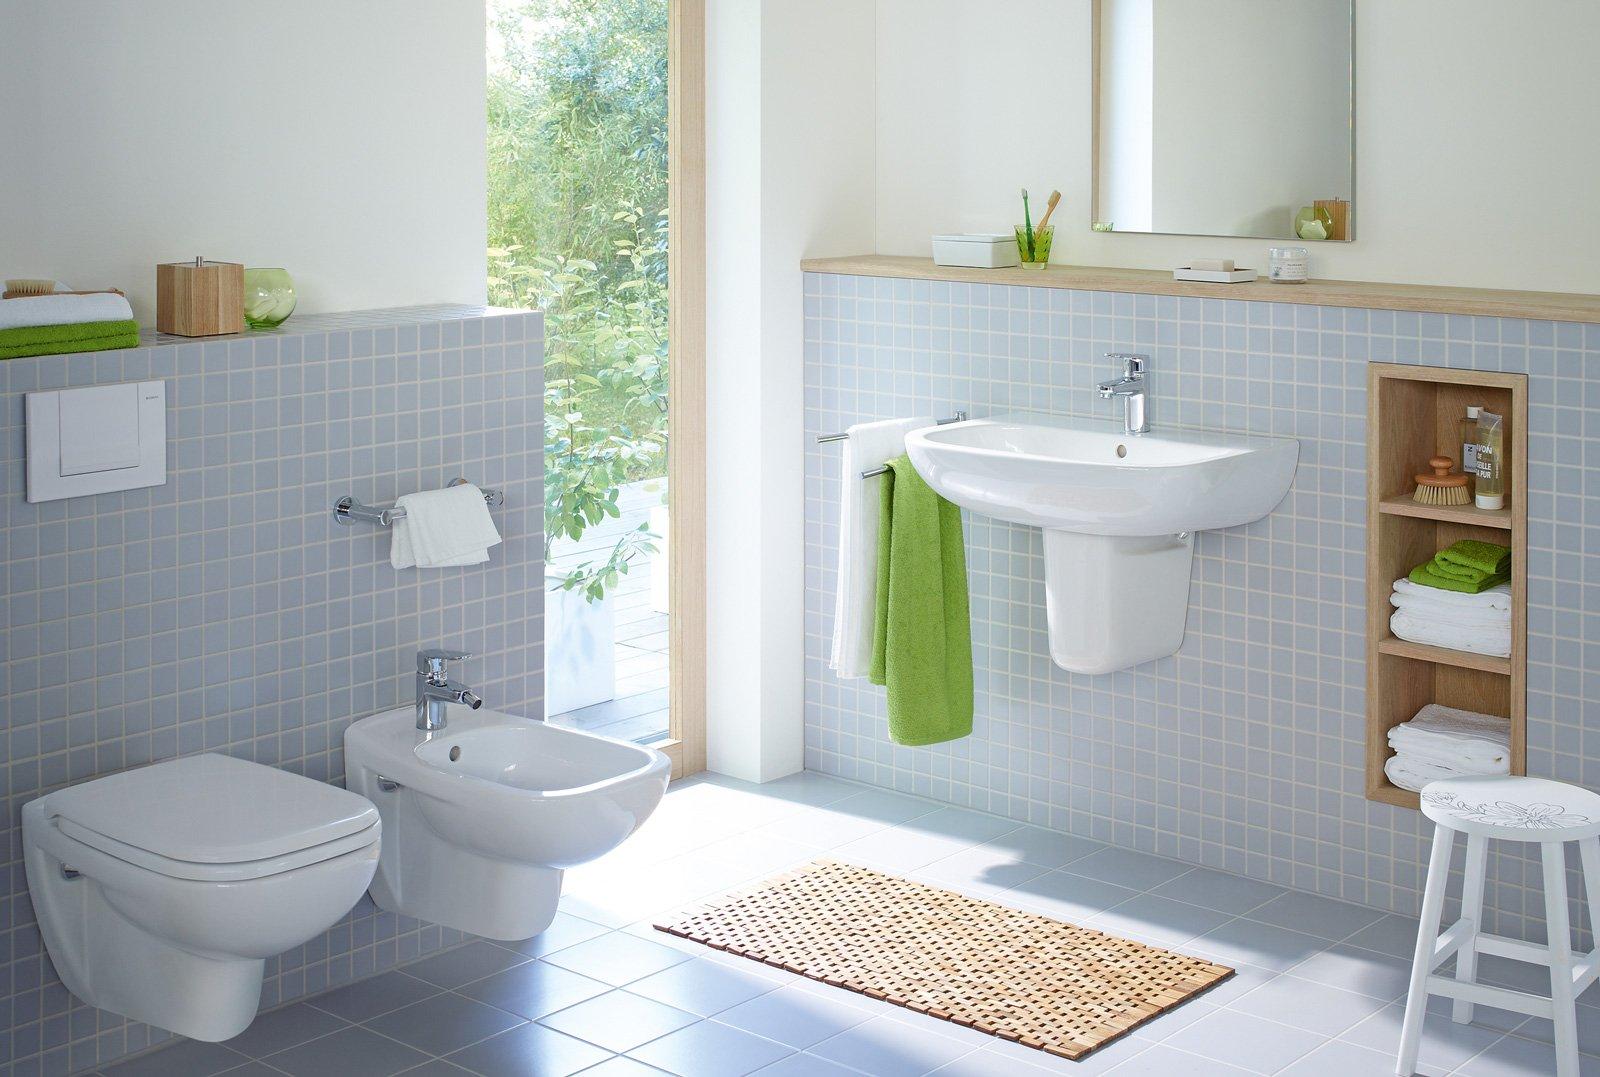 Sanitari low cost water e bidet dai prezzi contenuti - Sanitari da bagno prezzi ...